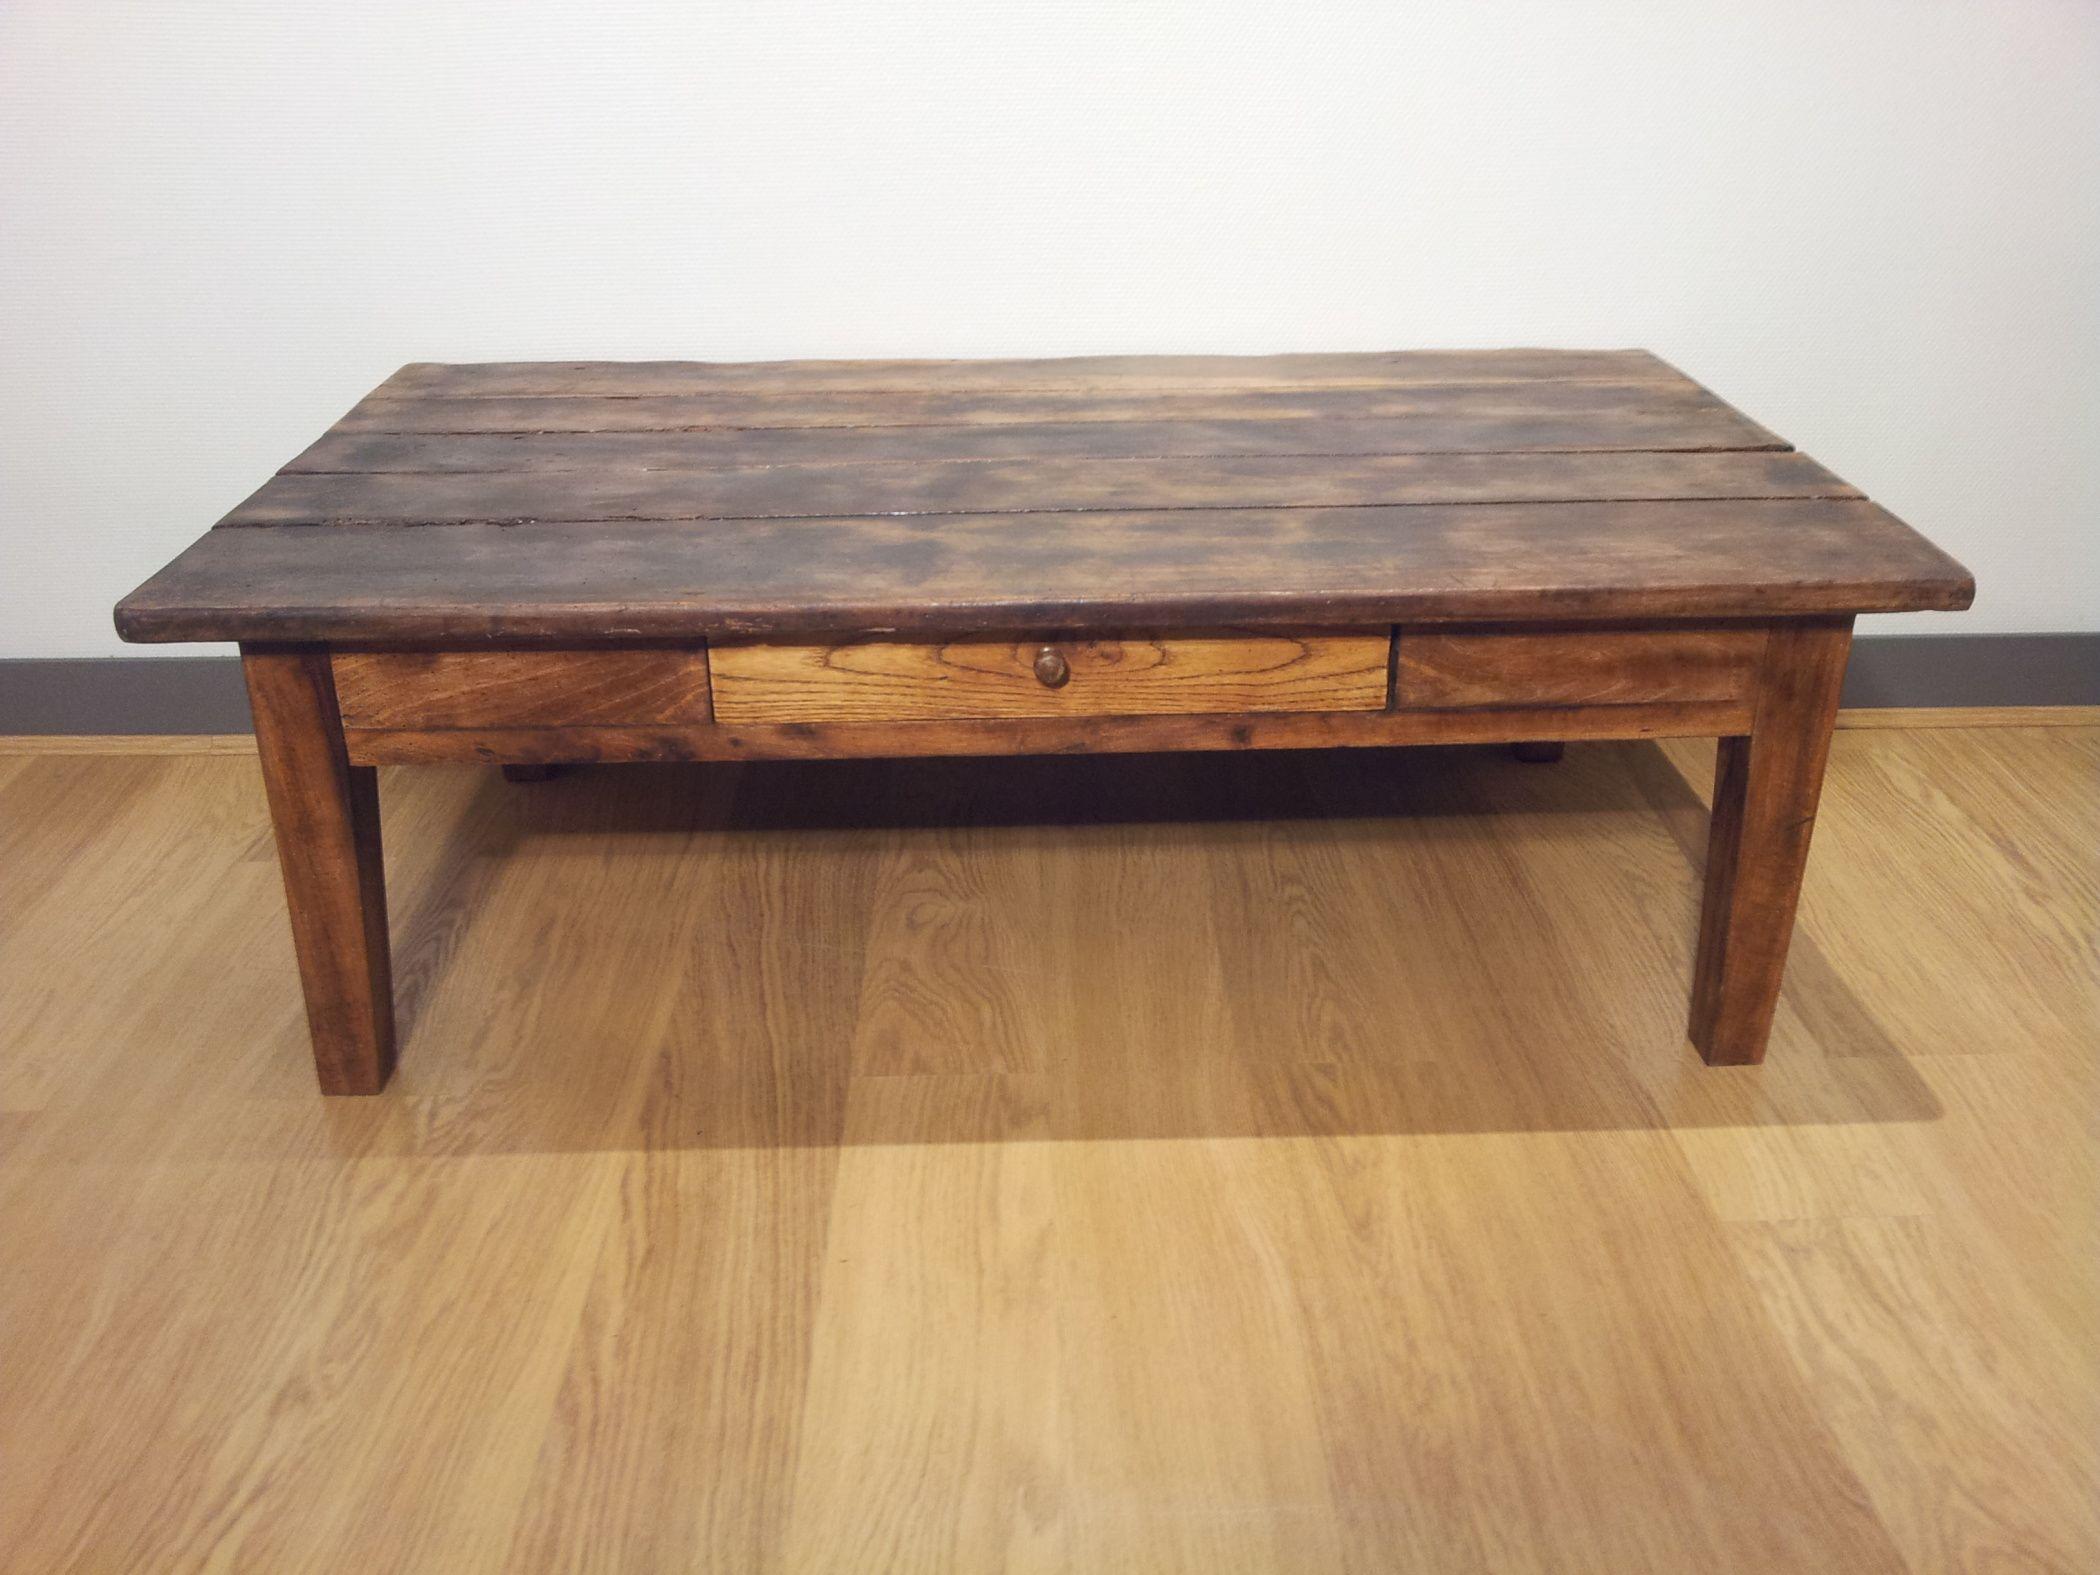 Table Basse Ancienne En Bois 450 Euros Vendue Meubles Anciens Par Roch Zambelli Tables Basses Anciennes Table Basse Bois